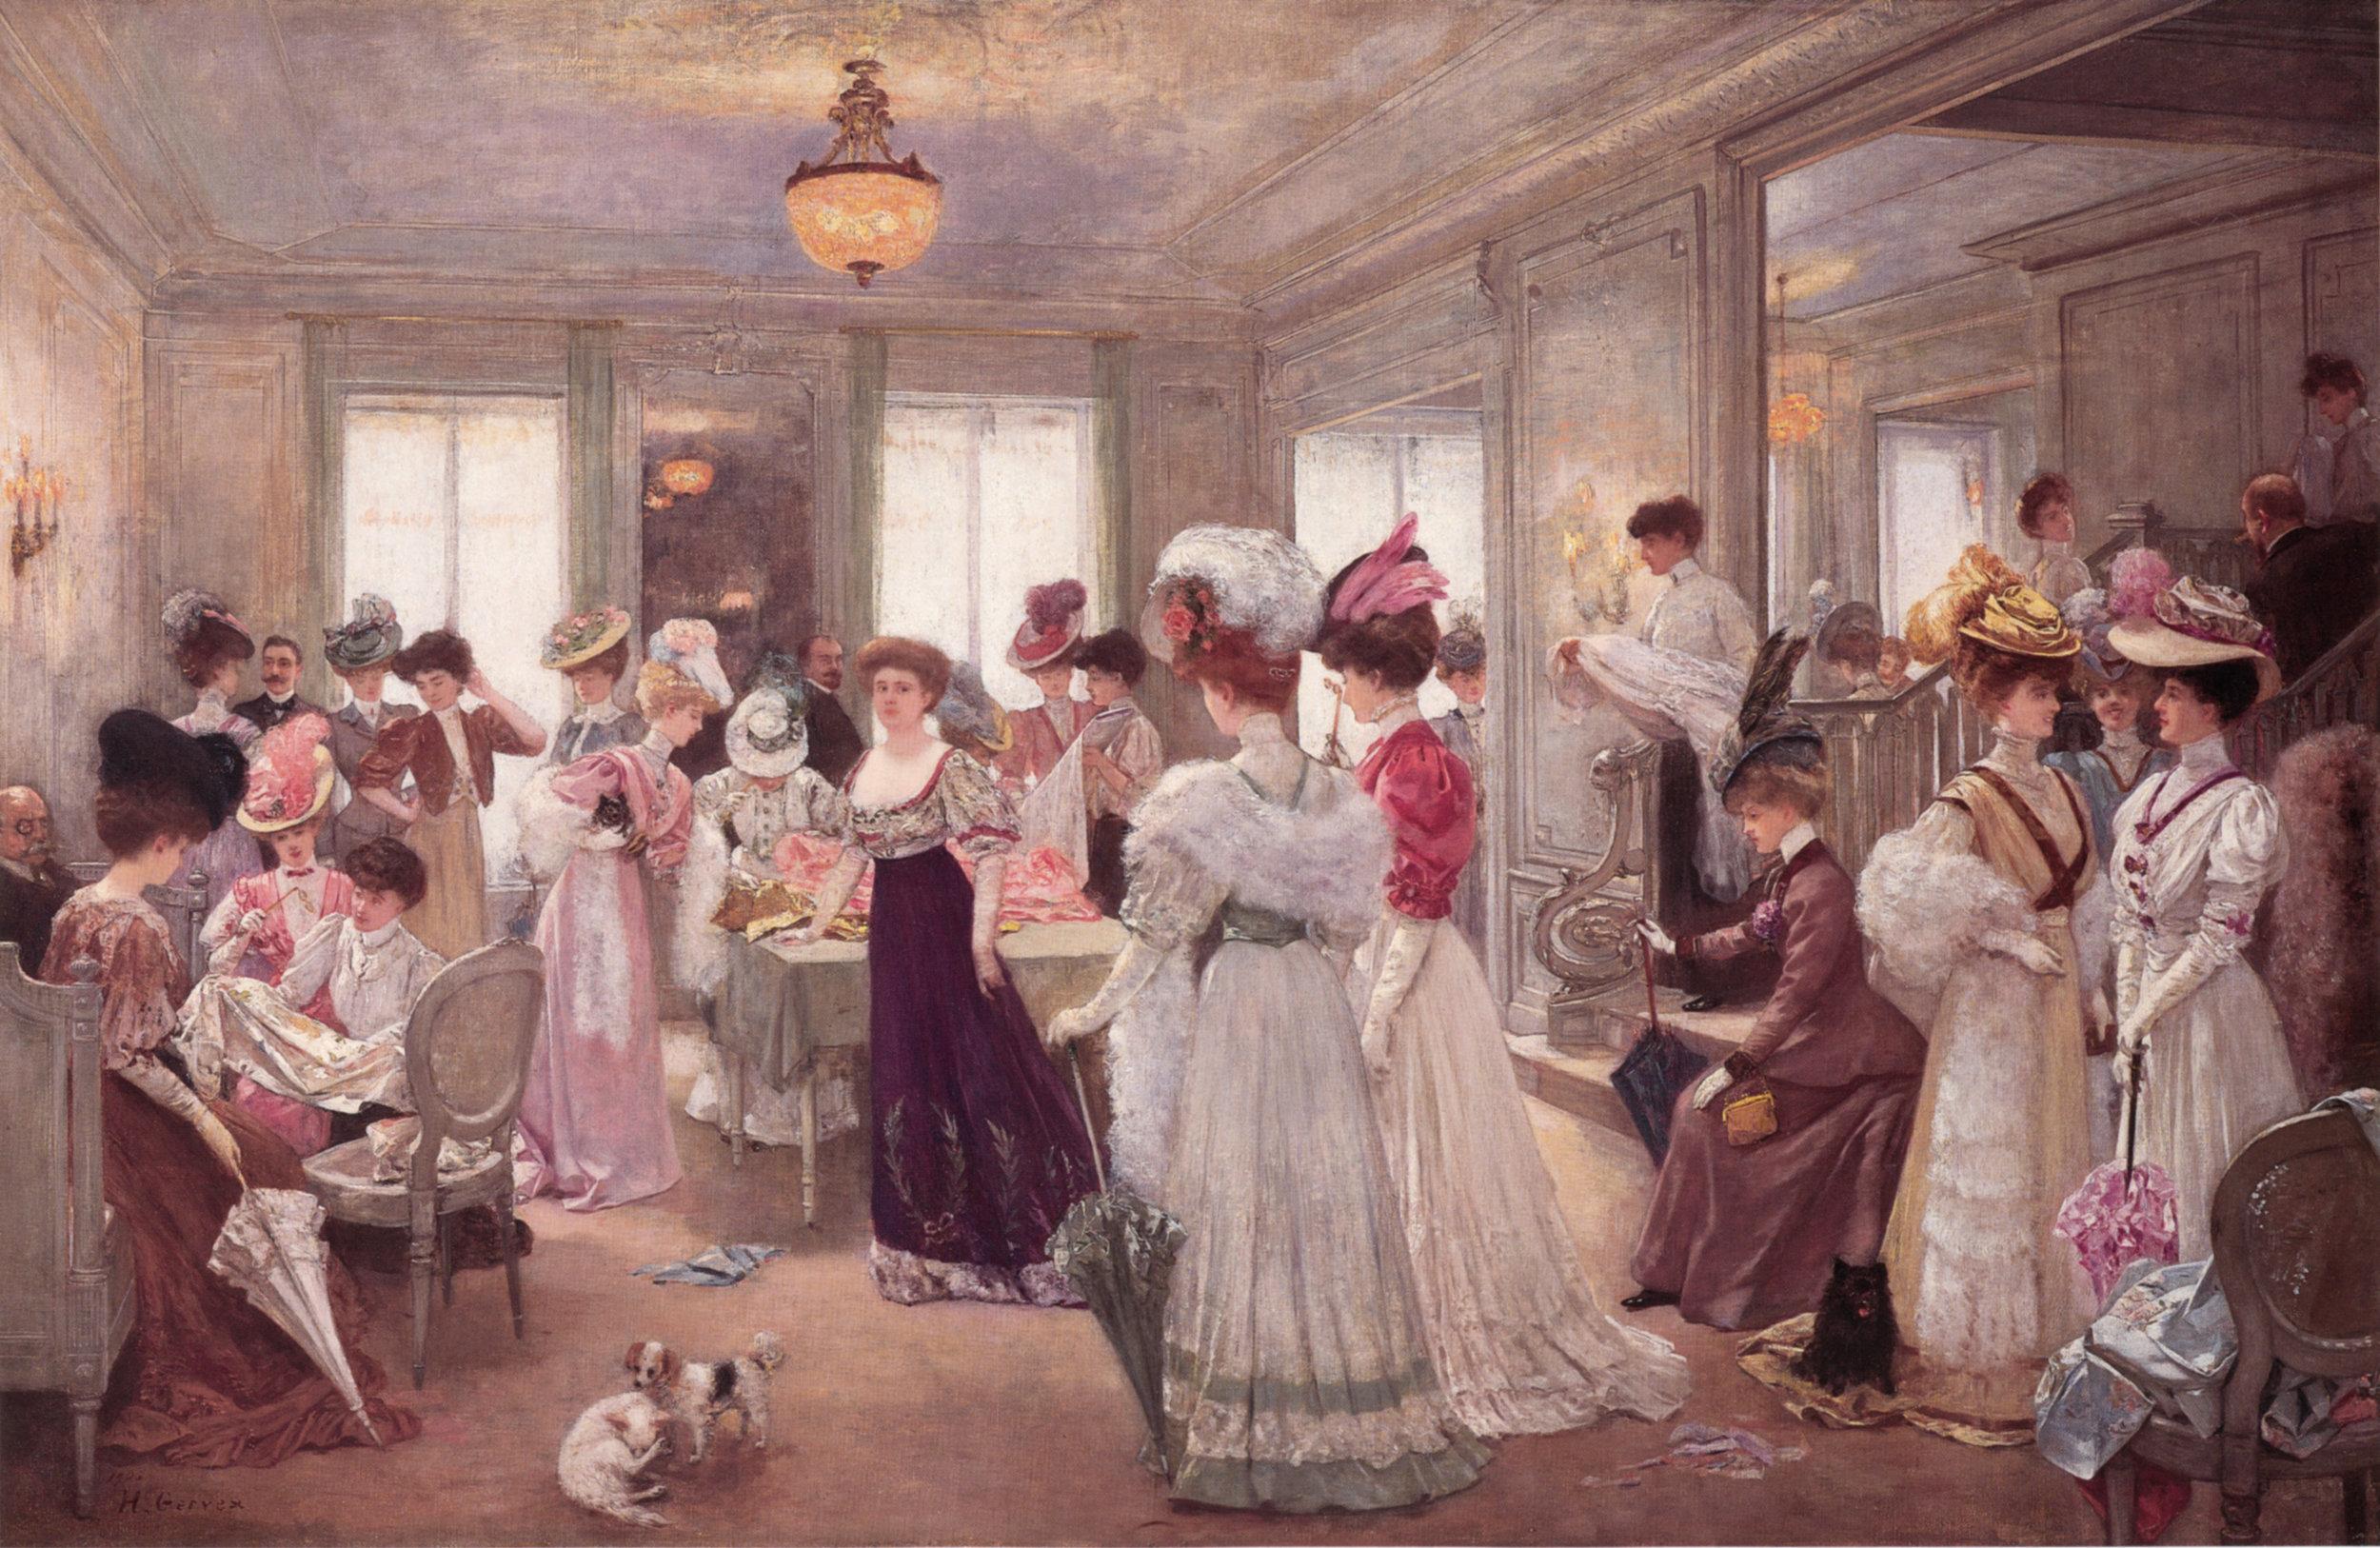 Five Hours at Maison Paquin, Henri Gervex, 1906